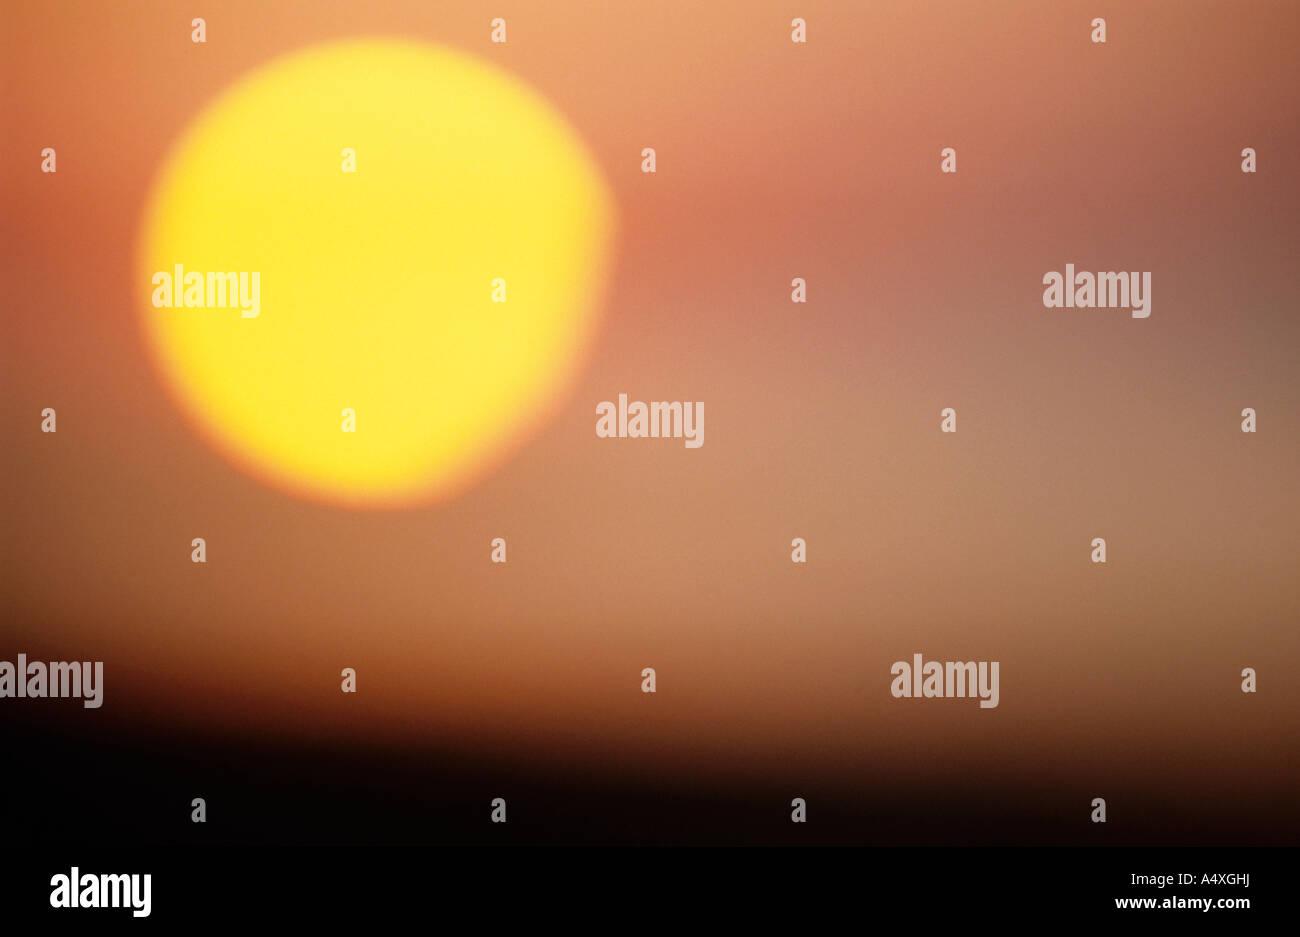 Soleil dans le ciel à l'aube Photo Stock